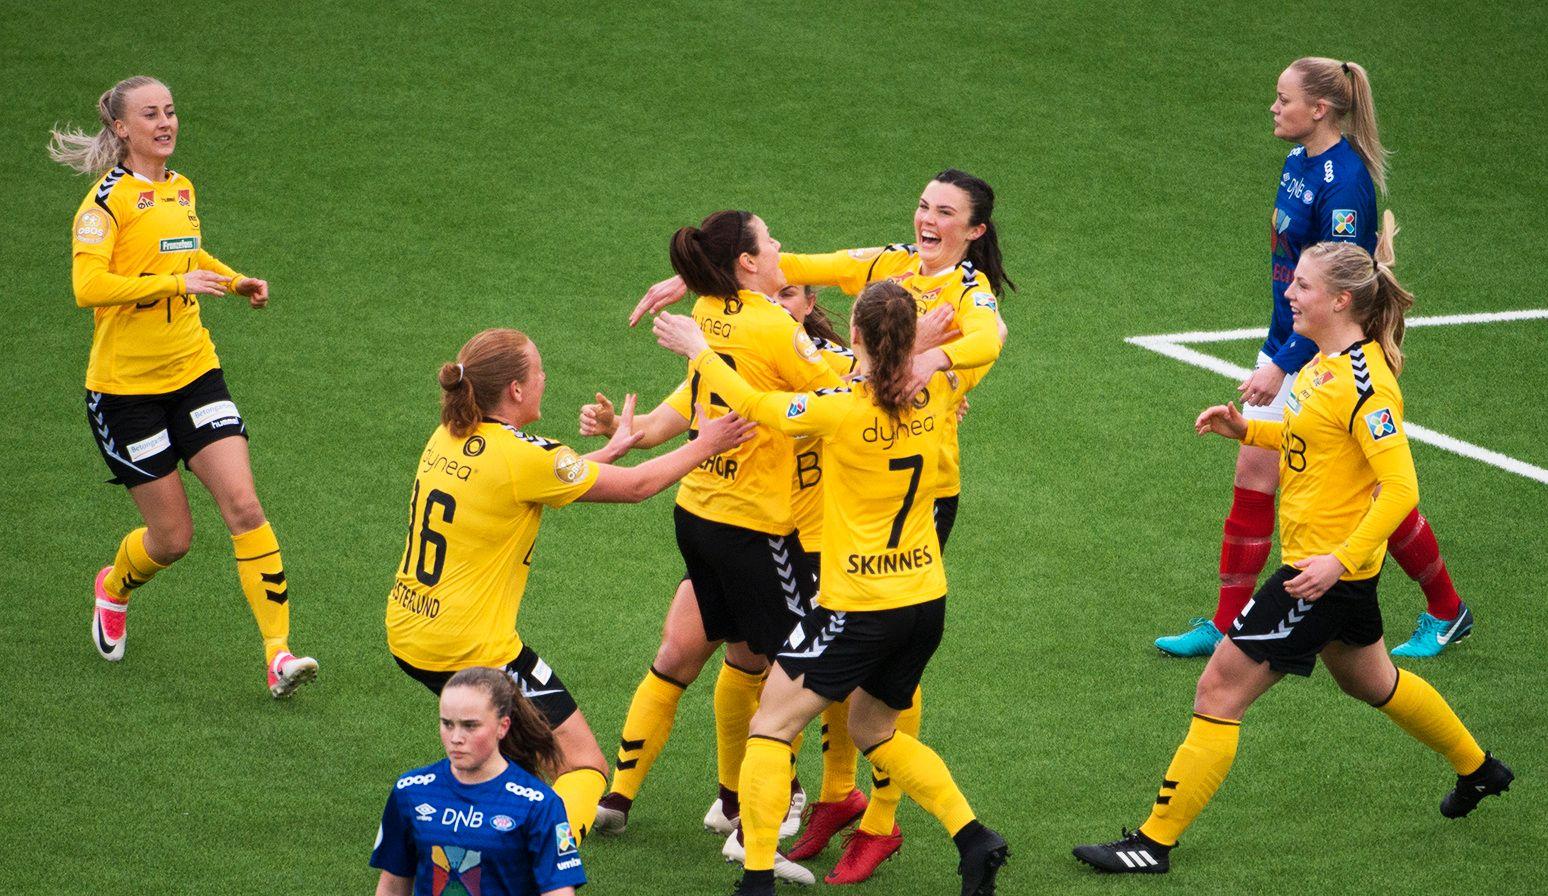 LSK Kvinner er ledende på kvinnesiden i norsk fotball.